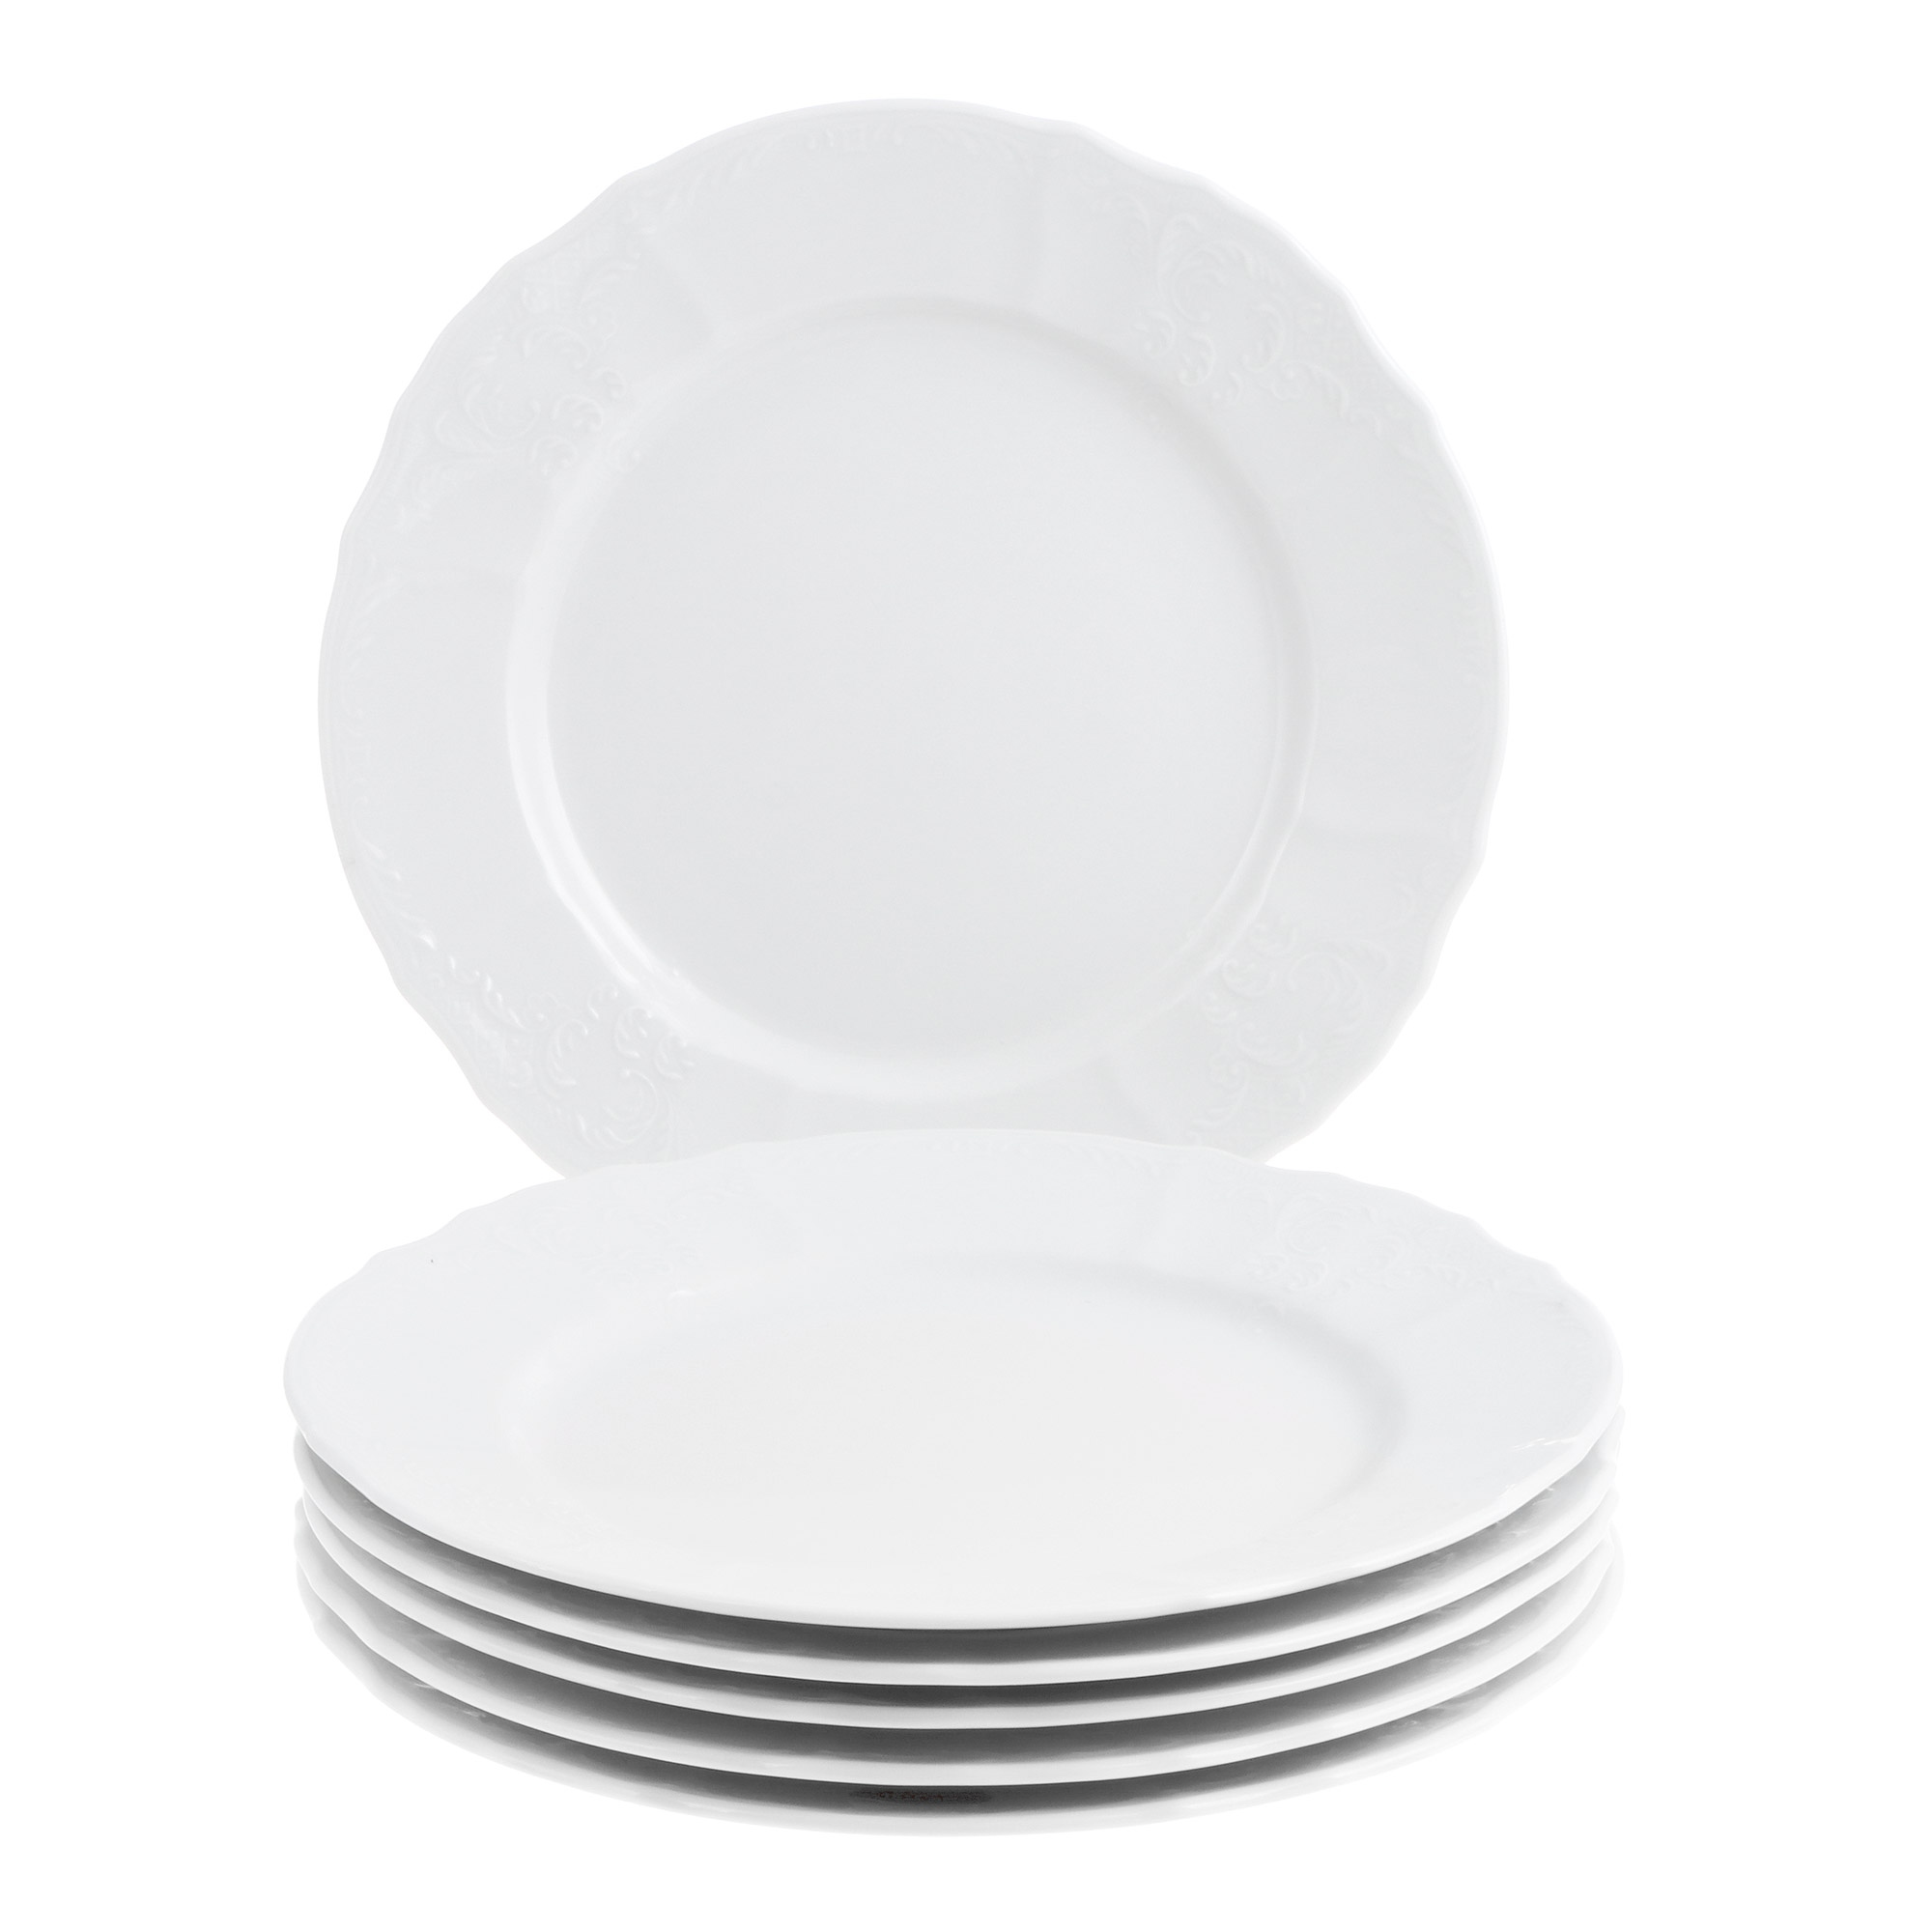 Купить со скидкой Набор тарелок Bernadotte фарфор 25 см 6 предметов